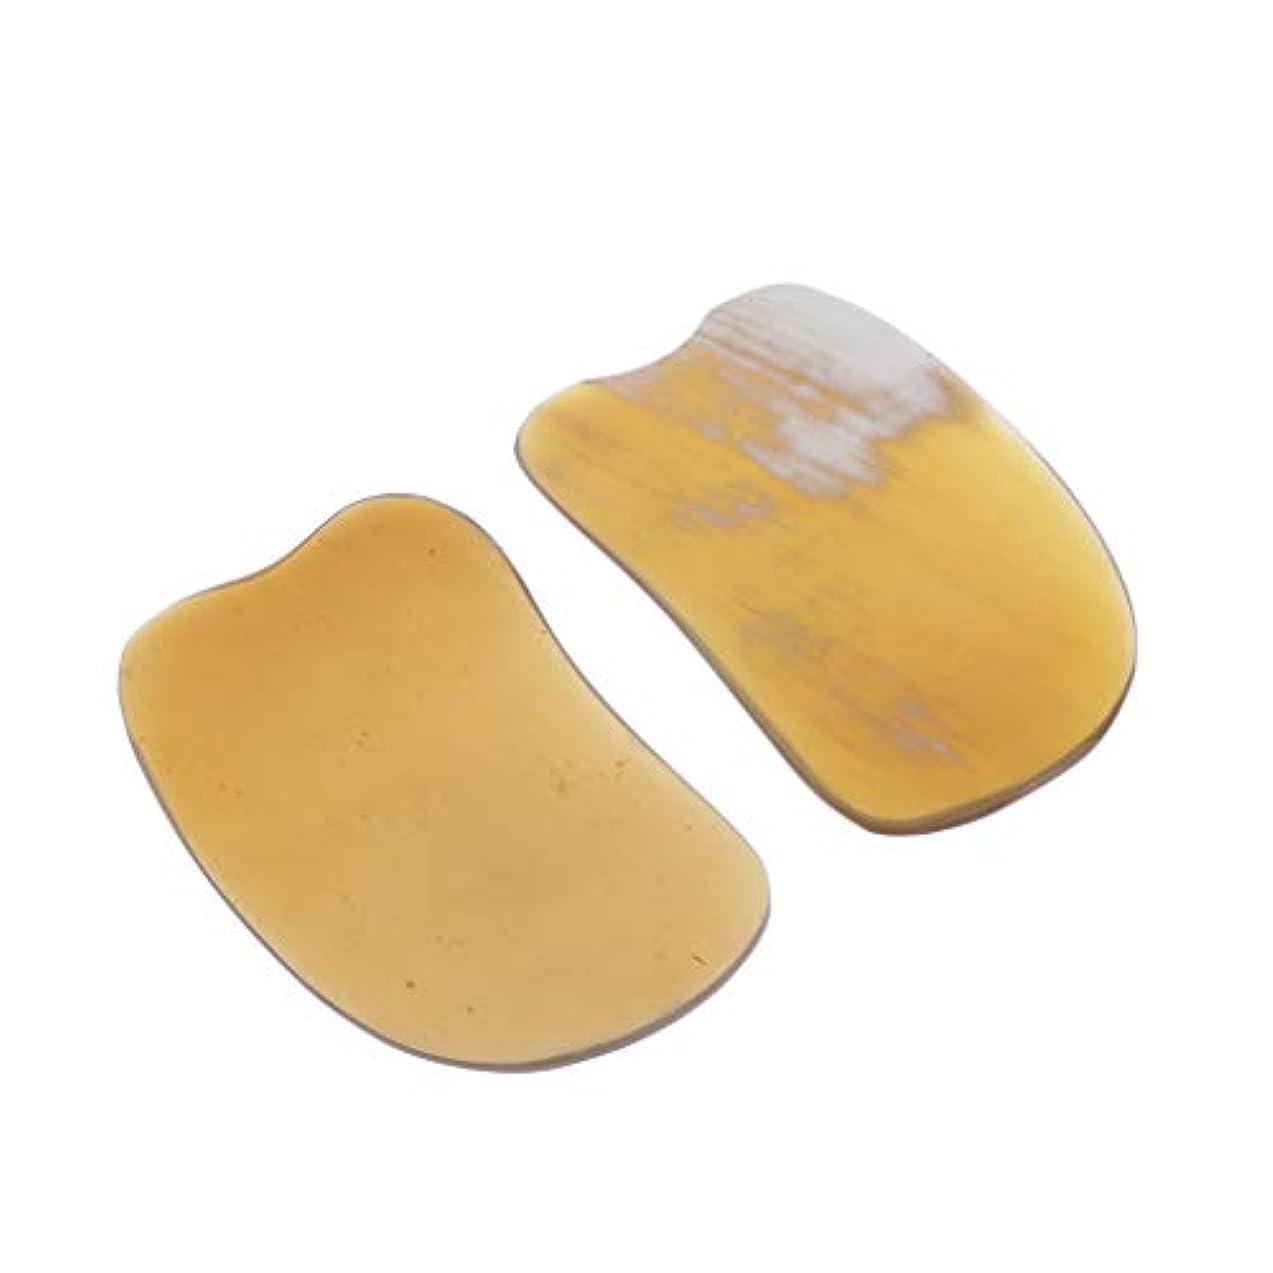 スナック謎めいた医薬品ナチュラル ボディフェイシャルグアシャ 削り盤ハンドヘルドスパ マッサージツール 全4サイズ - 02